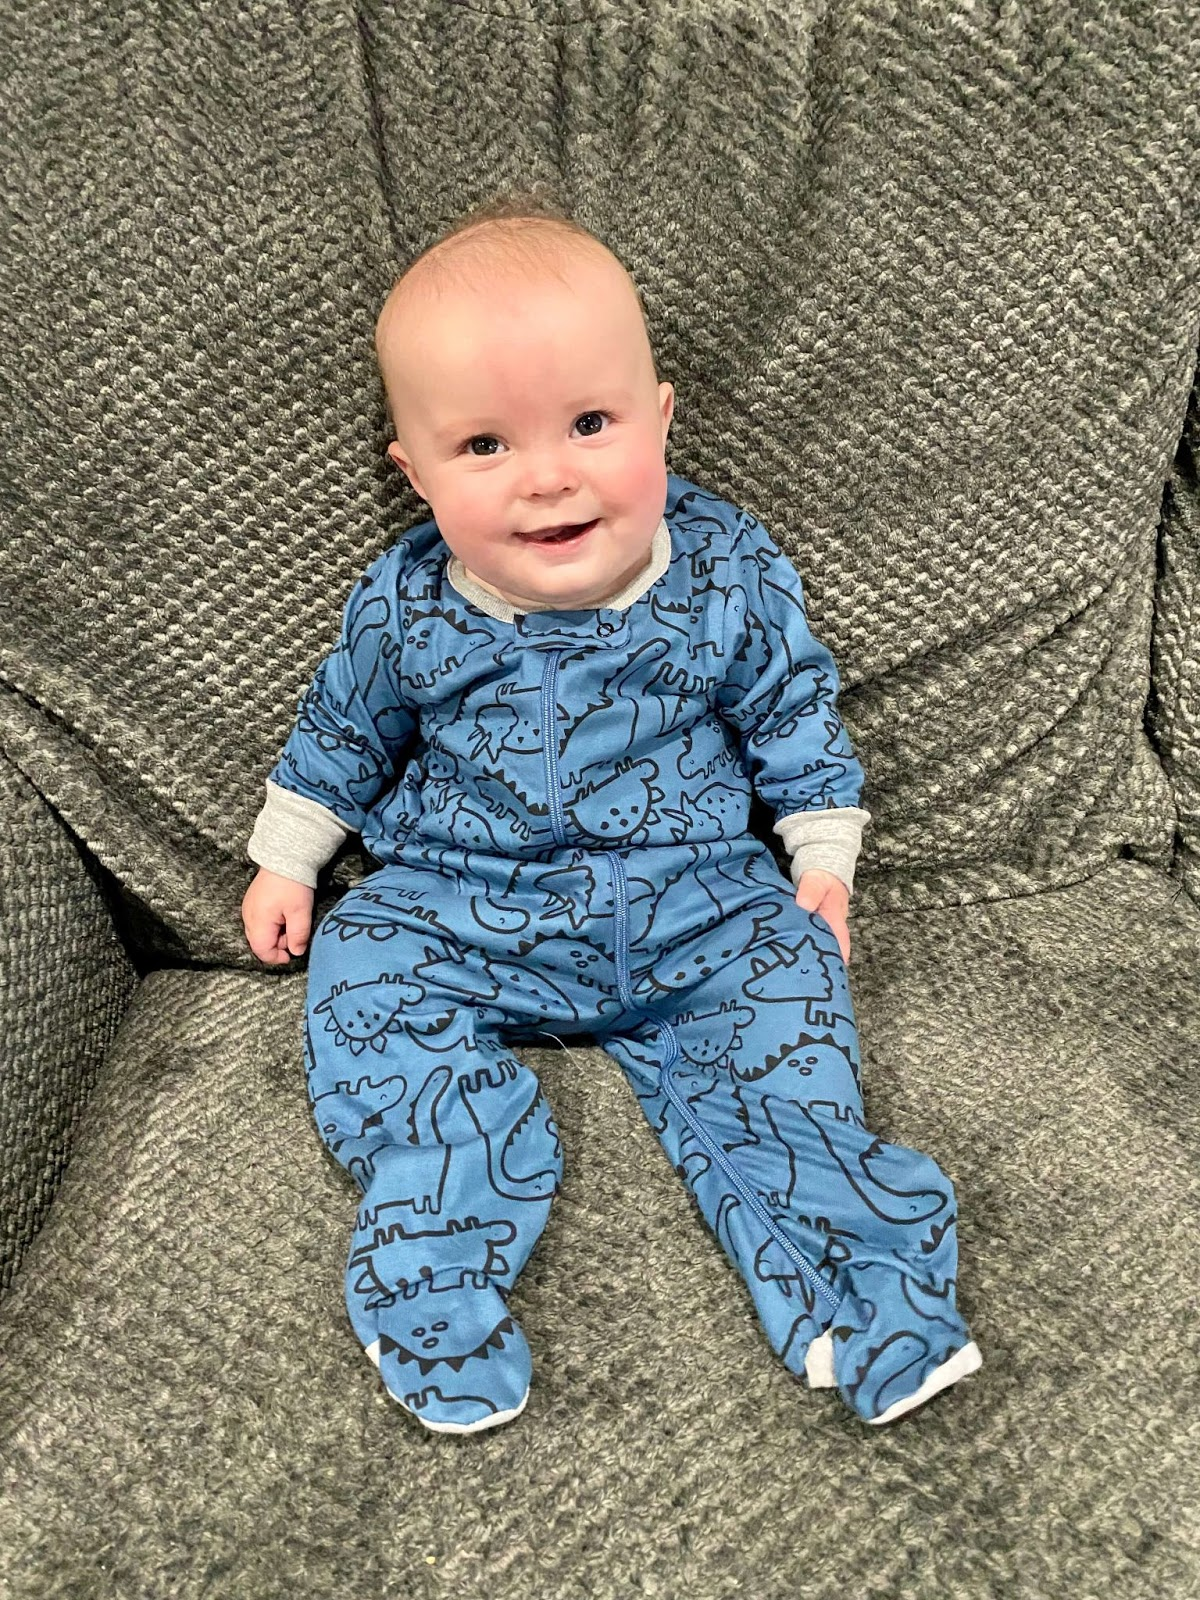 Adorable baby in Gerber onesie